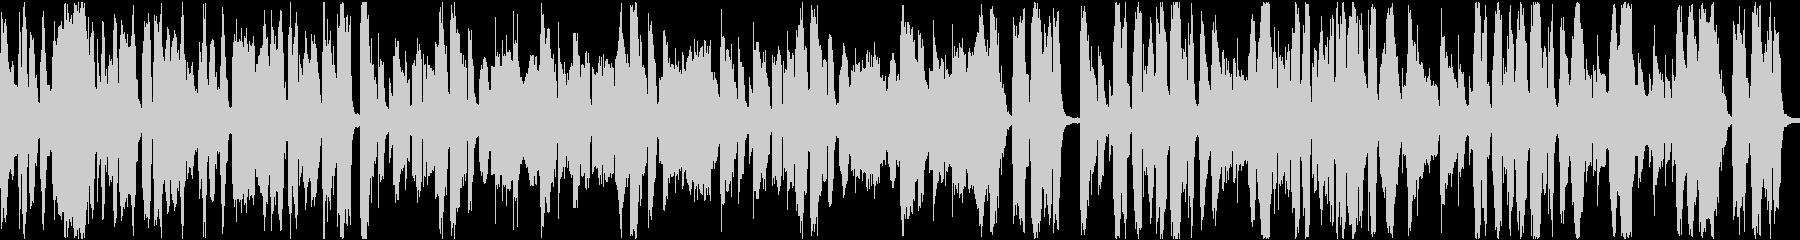 9秒でサビ、イケイケ/静かめループの未再生の波形